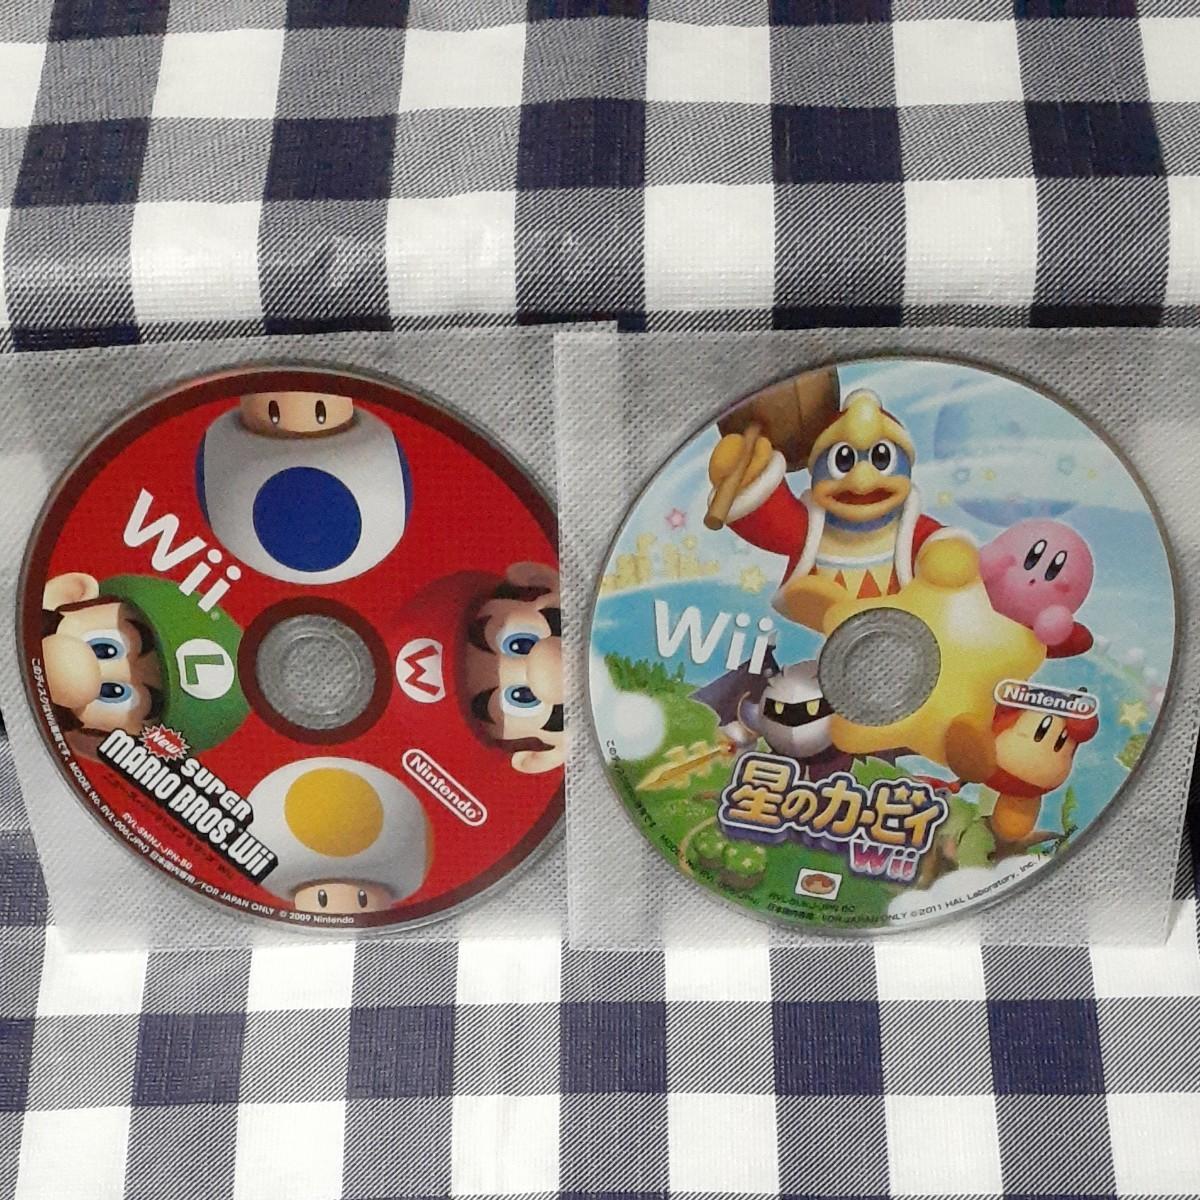 ニュー・スーパーマリオブラザーズ+星のカービィ Wii